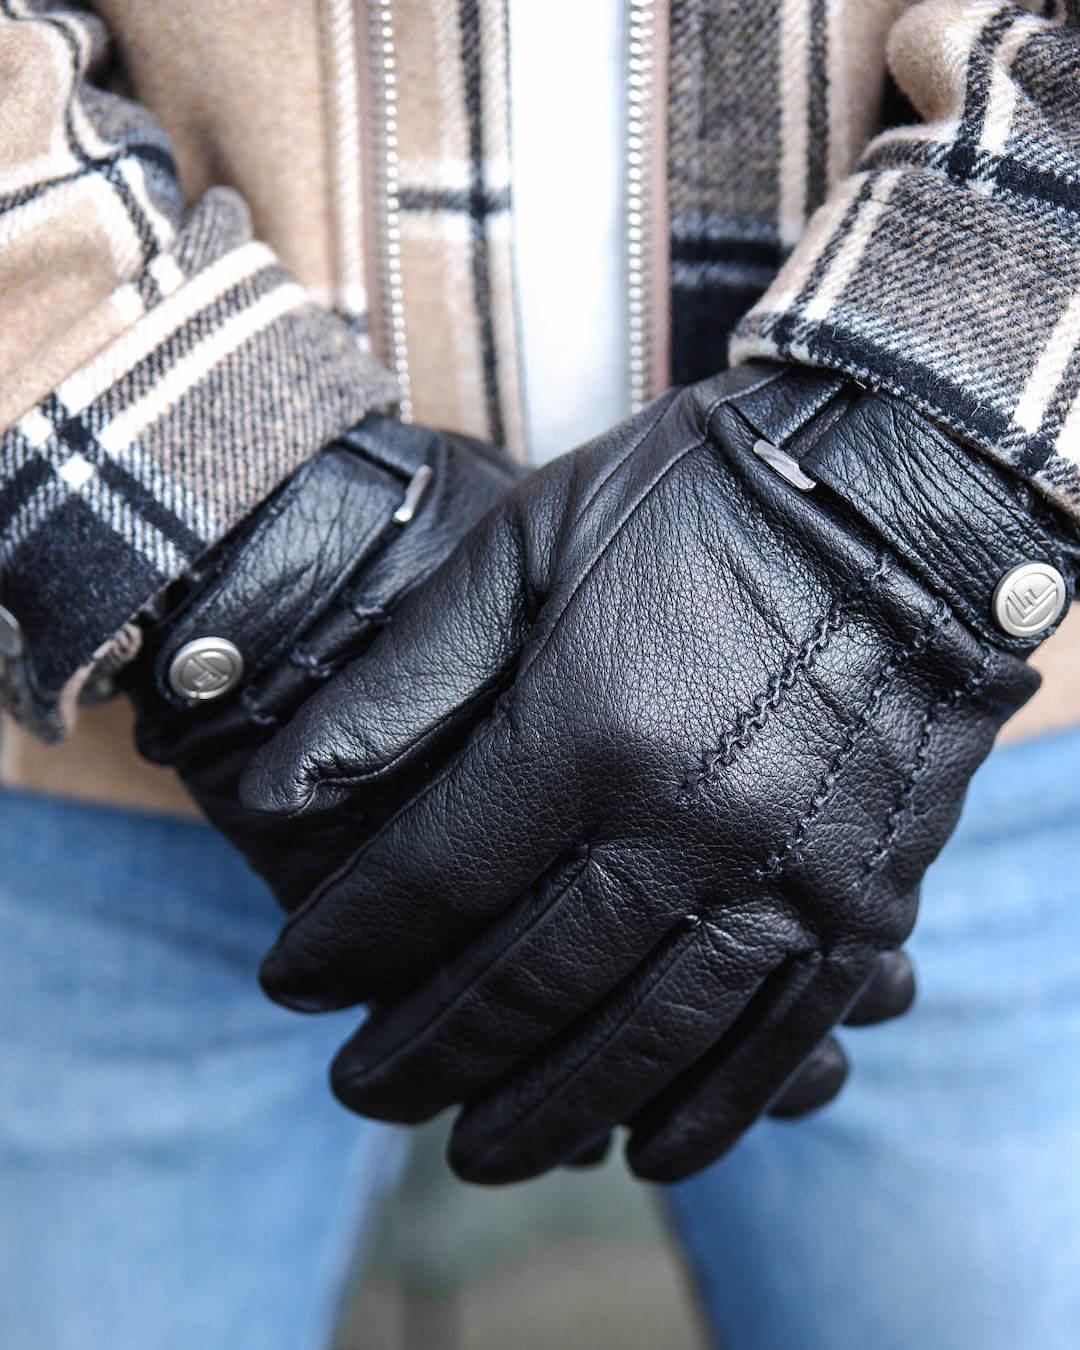 Black gloves Jack Frickin